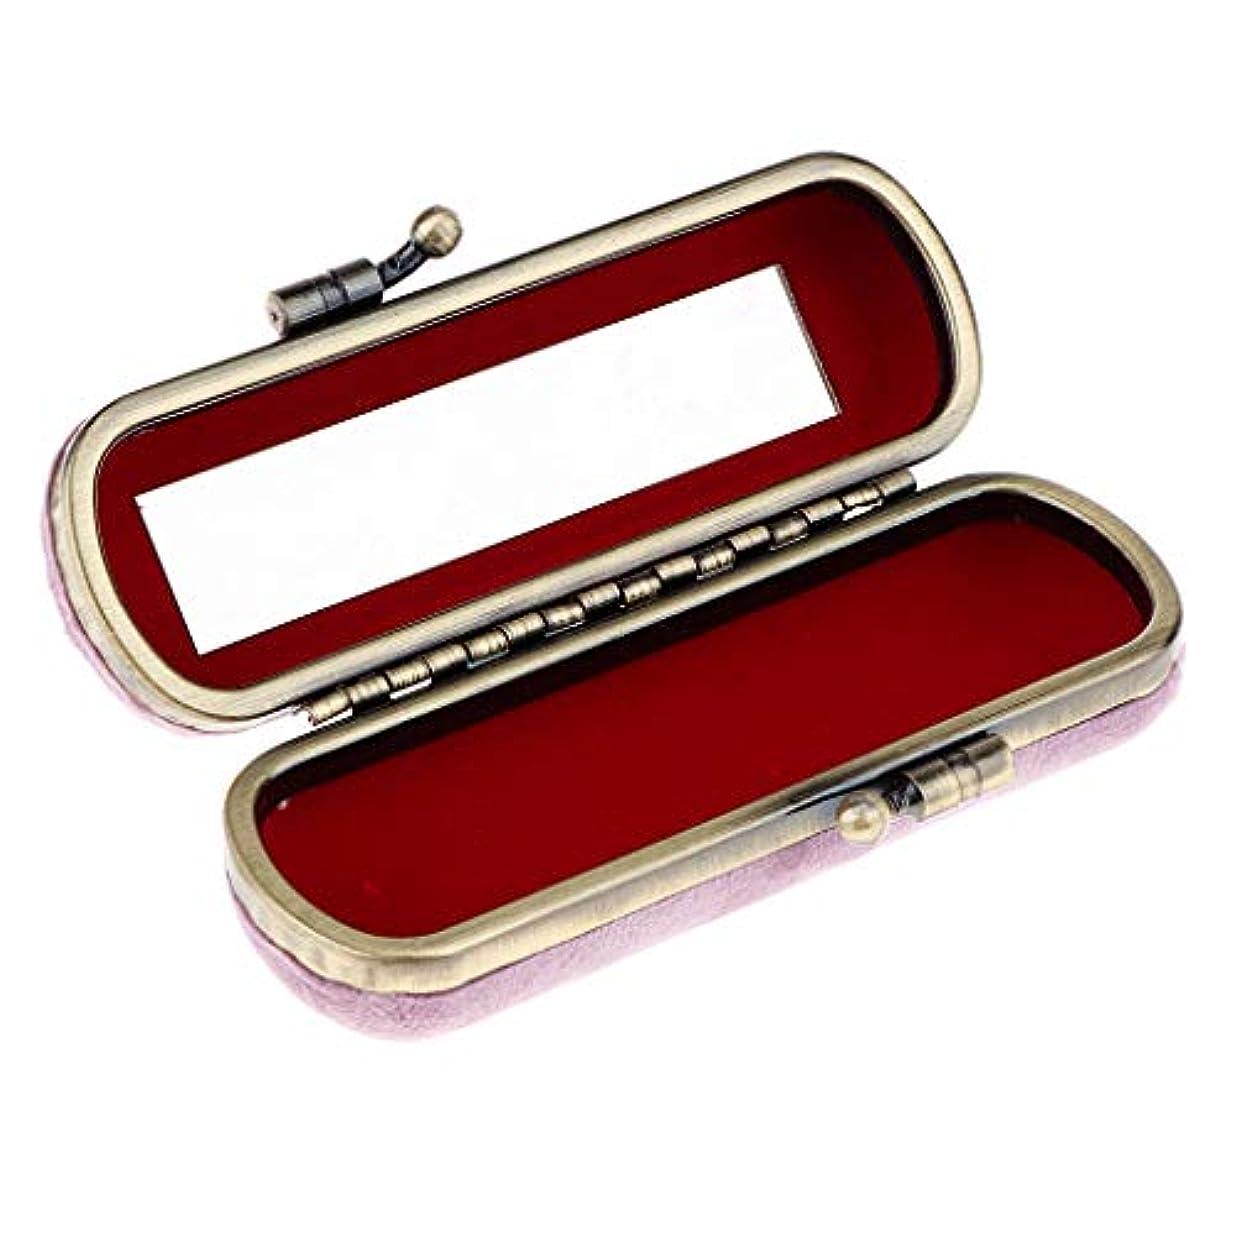 記事バレル尊厳CUTICATE 8色選ぶ ヴィンテージ 化粧ポーチ 口紅ホルダー ミラー付き リップグロスホルダー 化粧ケース - ピンク